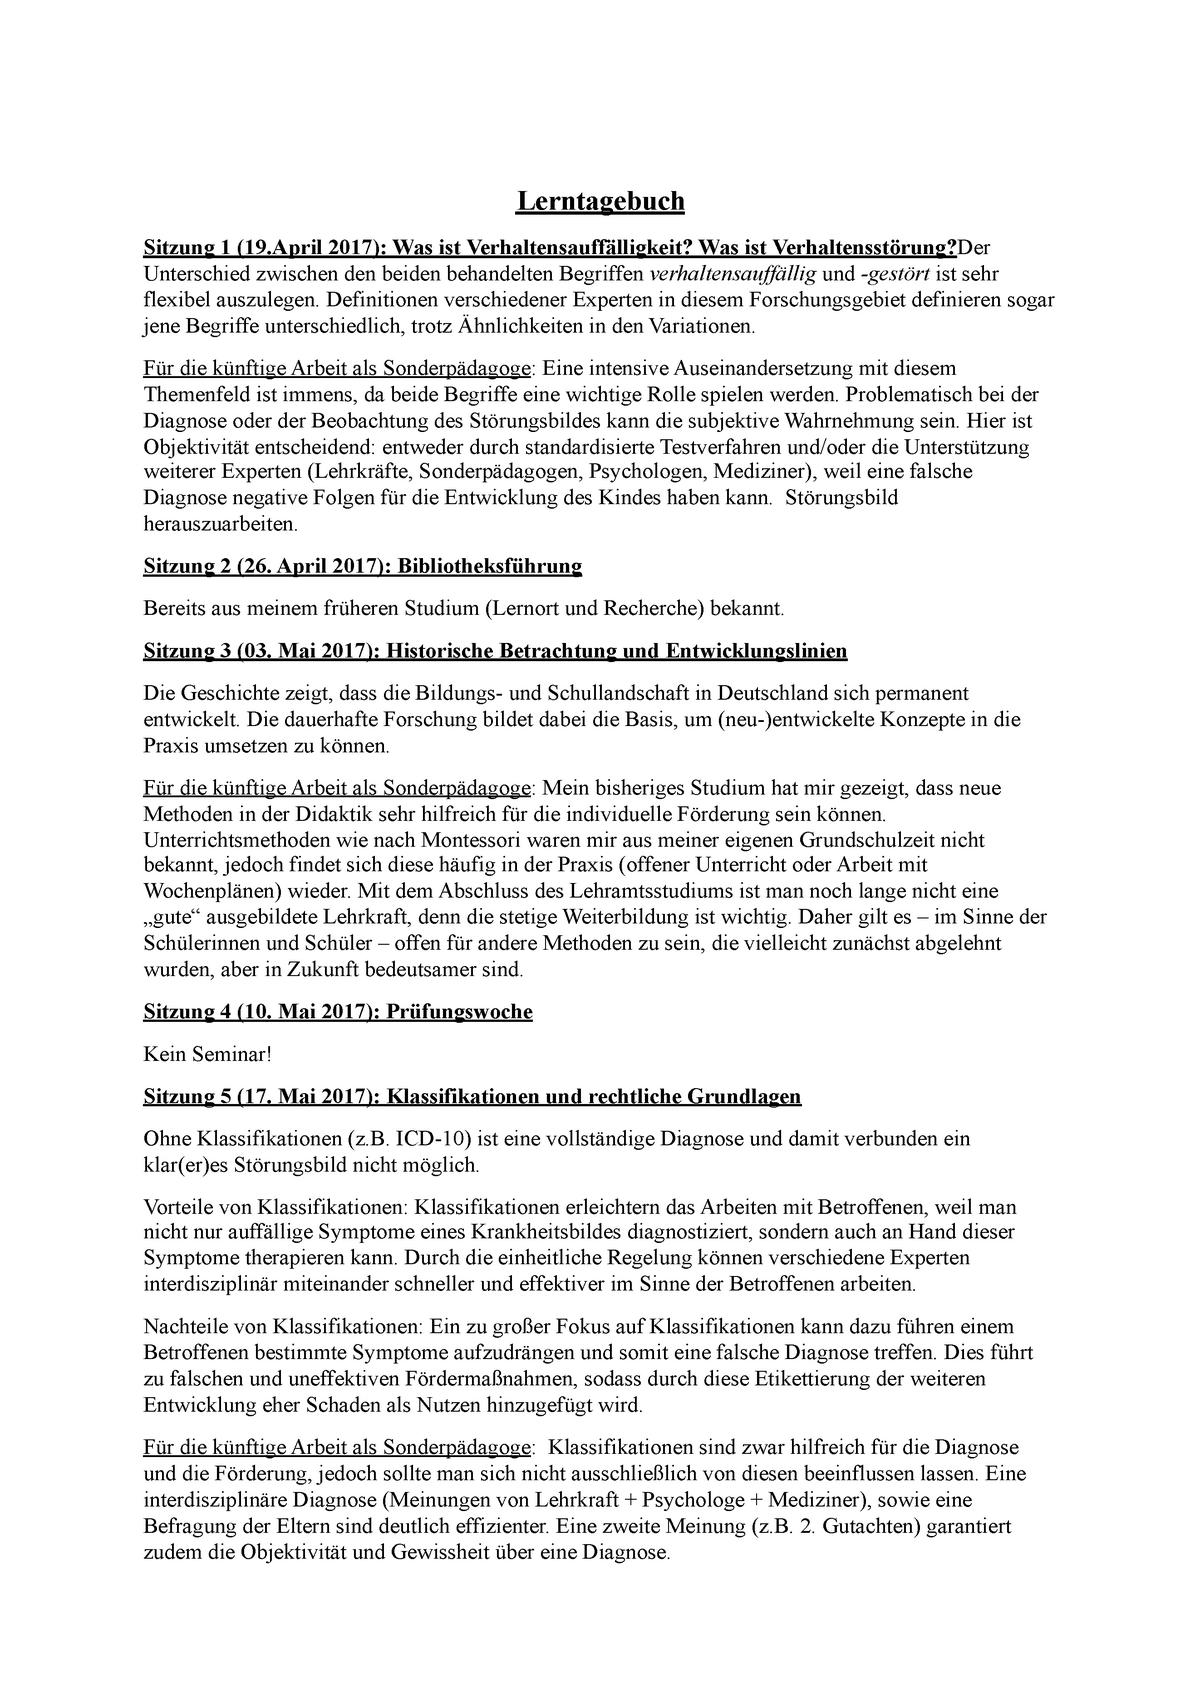 Lerntagebuch Uni Vorlage : Ausgewahlte Instrumente Zur Forderung Der Selbstreflexion In ...